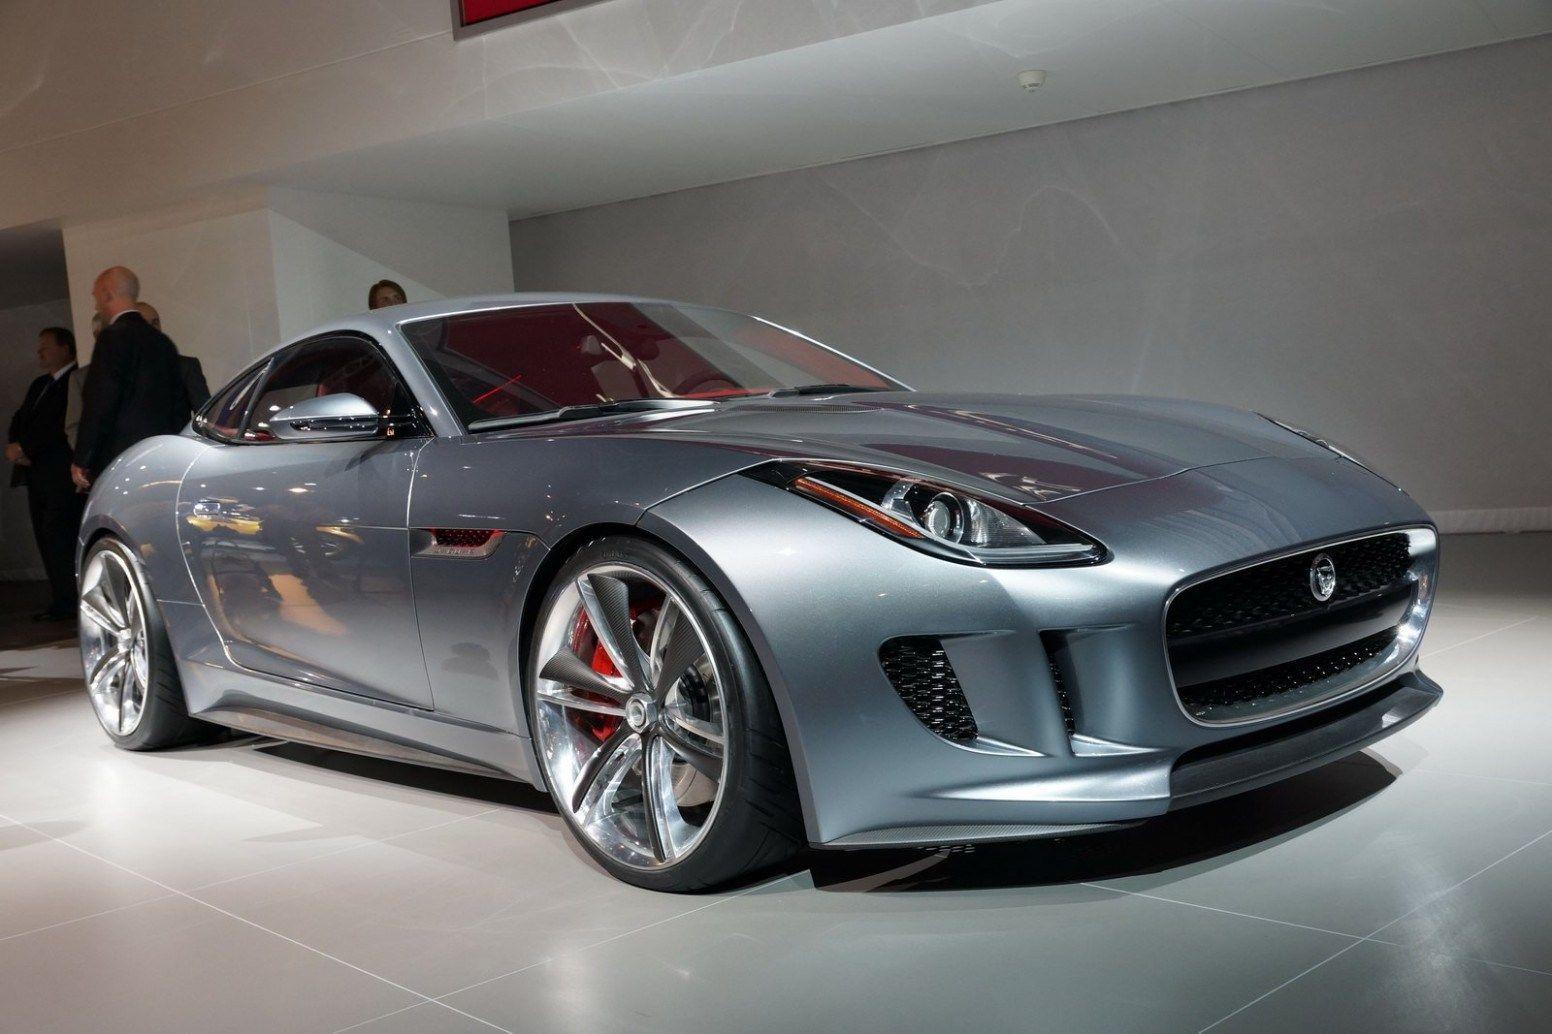 new jaguar car pic  liam medina